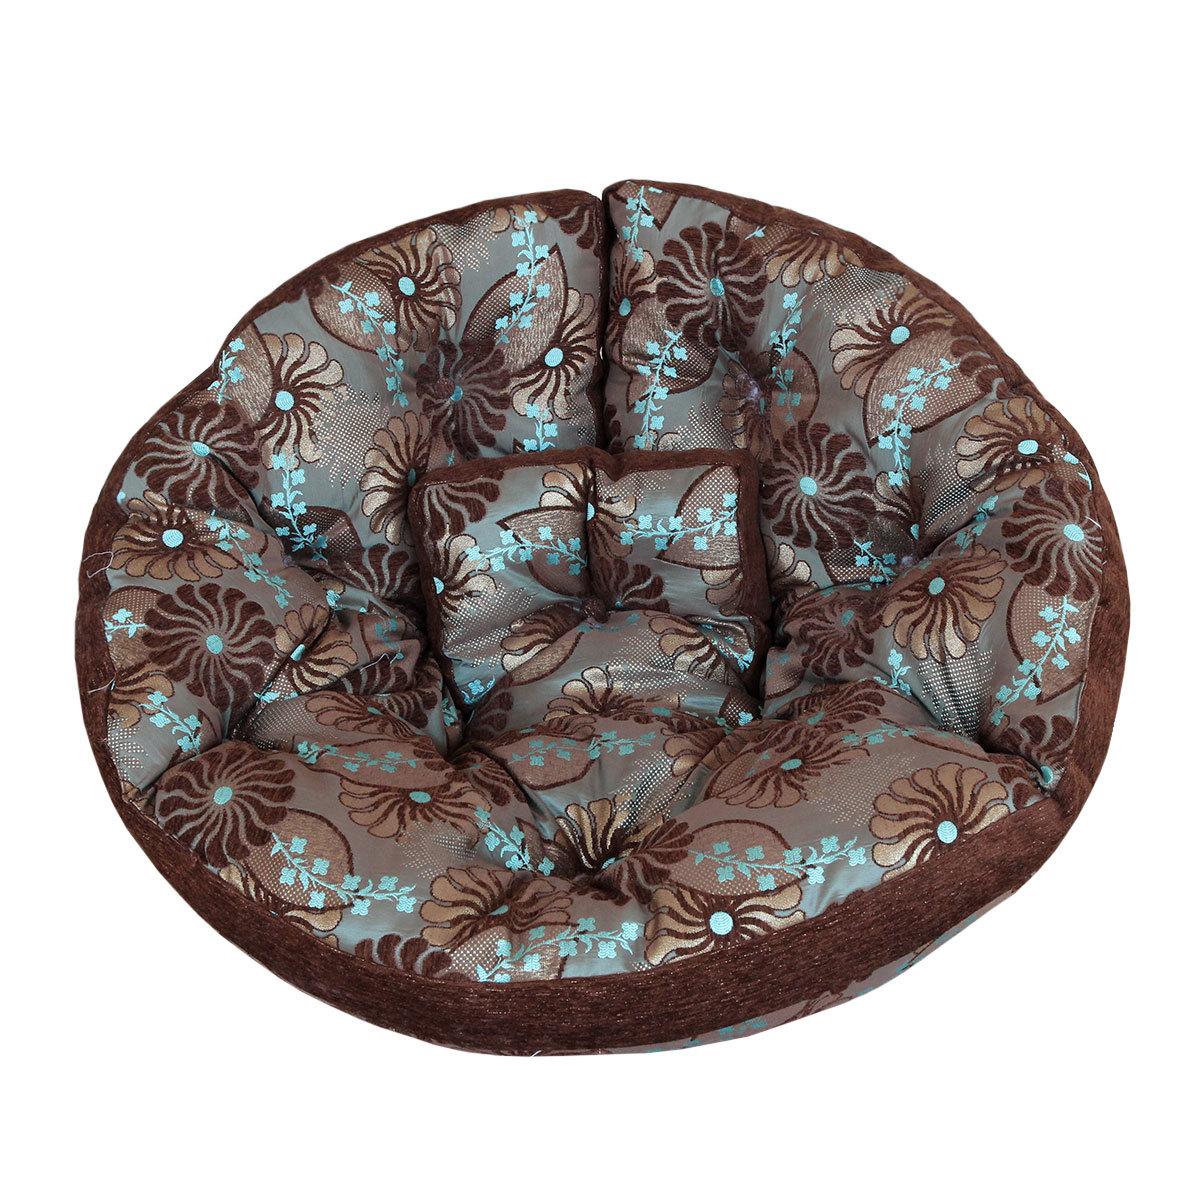 Кресло-футон Blue FlowersБесформенные пуфы<br>Помните, как в детстве все любили качаться на гамаках? Это кресло напомнит вам о приятном, а тропический принт наполнит вашу квартиру солнечным светом и теплом. Его можно расположить в кресле или использовать как самостоятельный матрас-футон. Кроме того, по желанию вы сможете соединить его &amp;amp;nbsp;с другими креслами и расположиться на них всей семьей!<br><br>Material: Текстиль<br>Length см: None<br>Width см: 200<br>Height см: 100